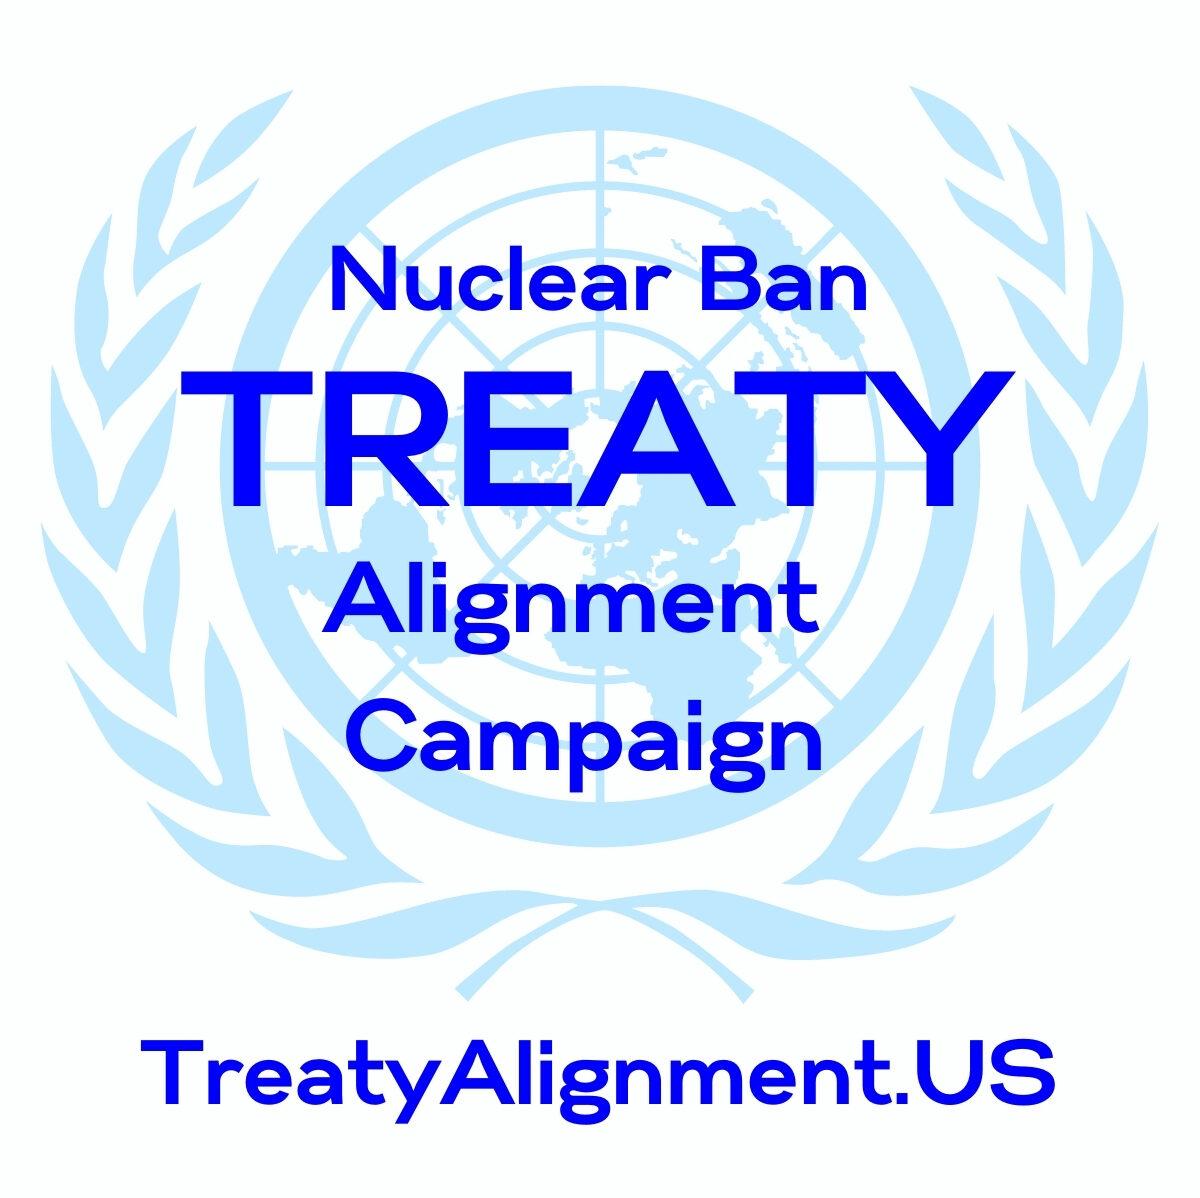 Treaty Alignment Campaign